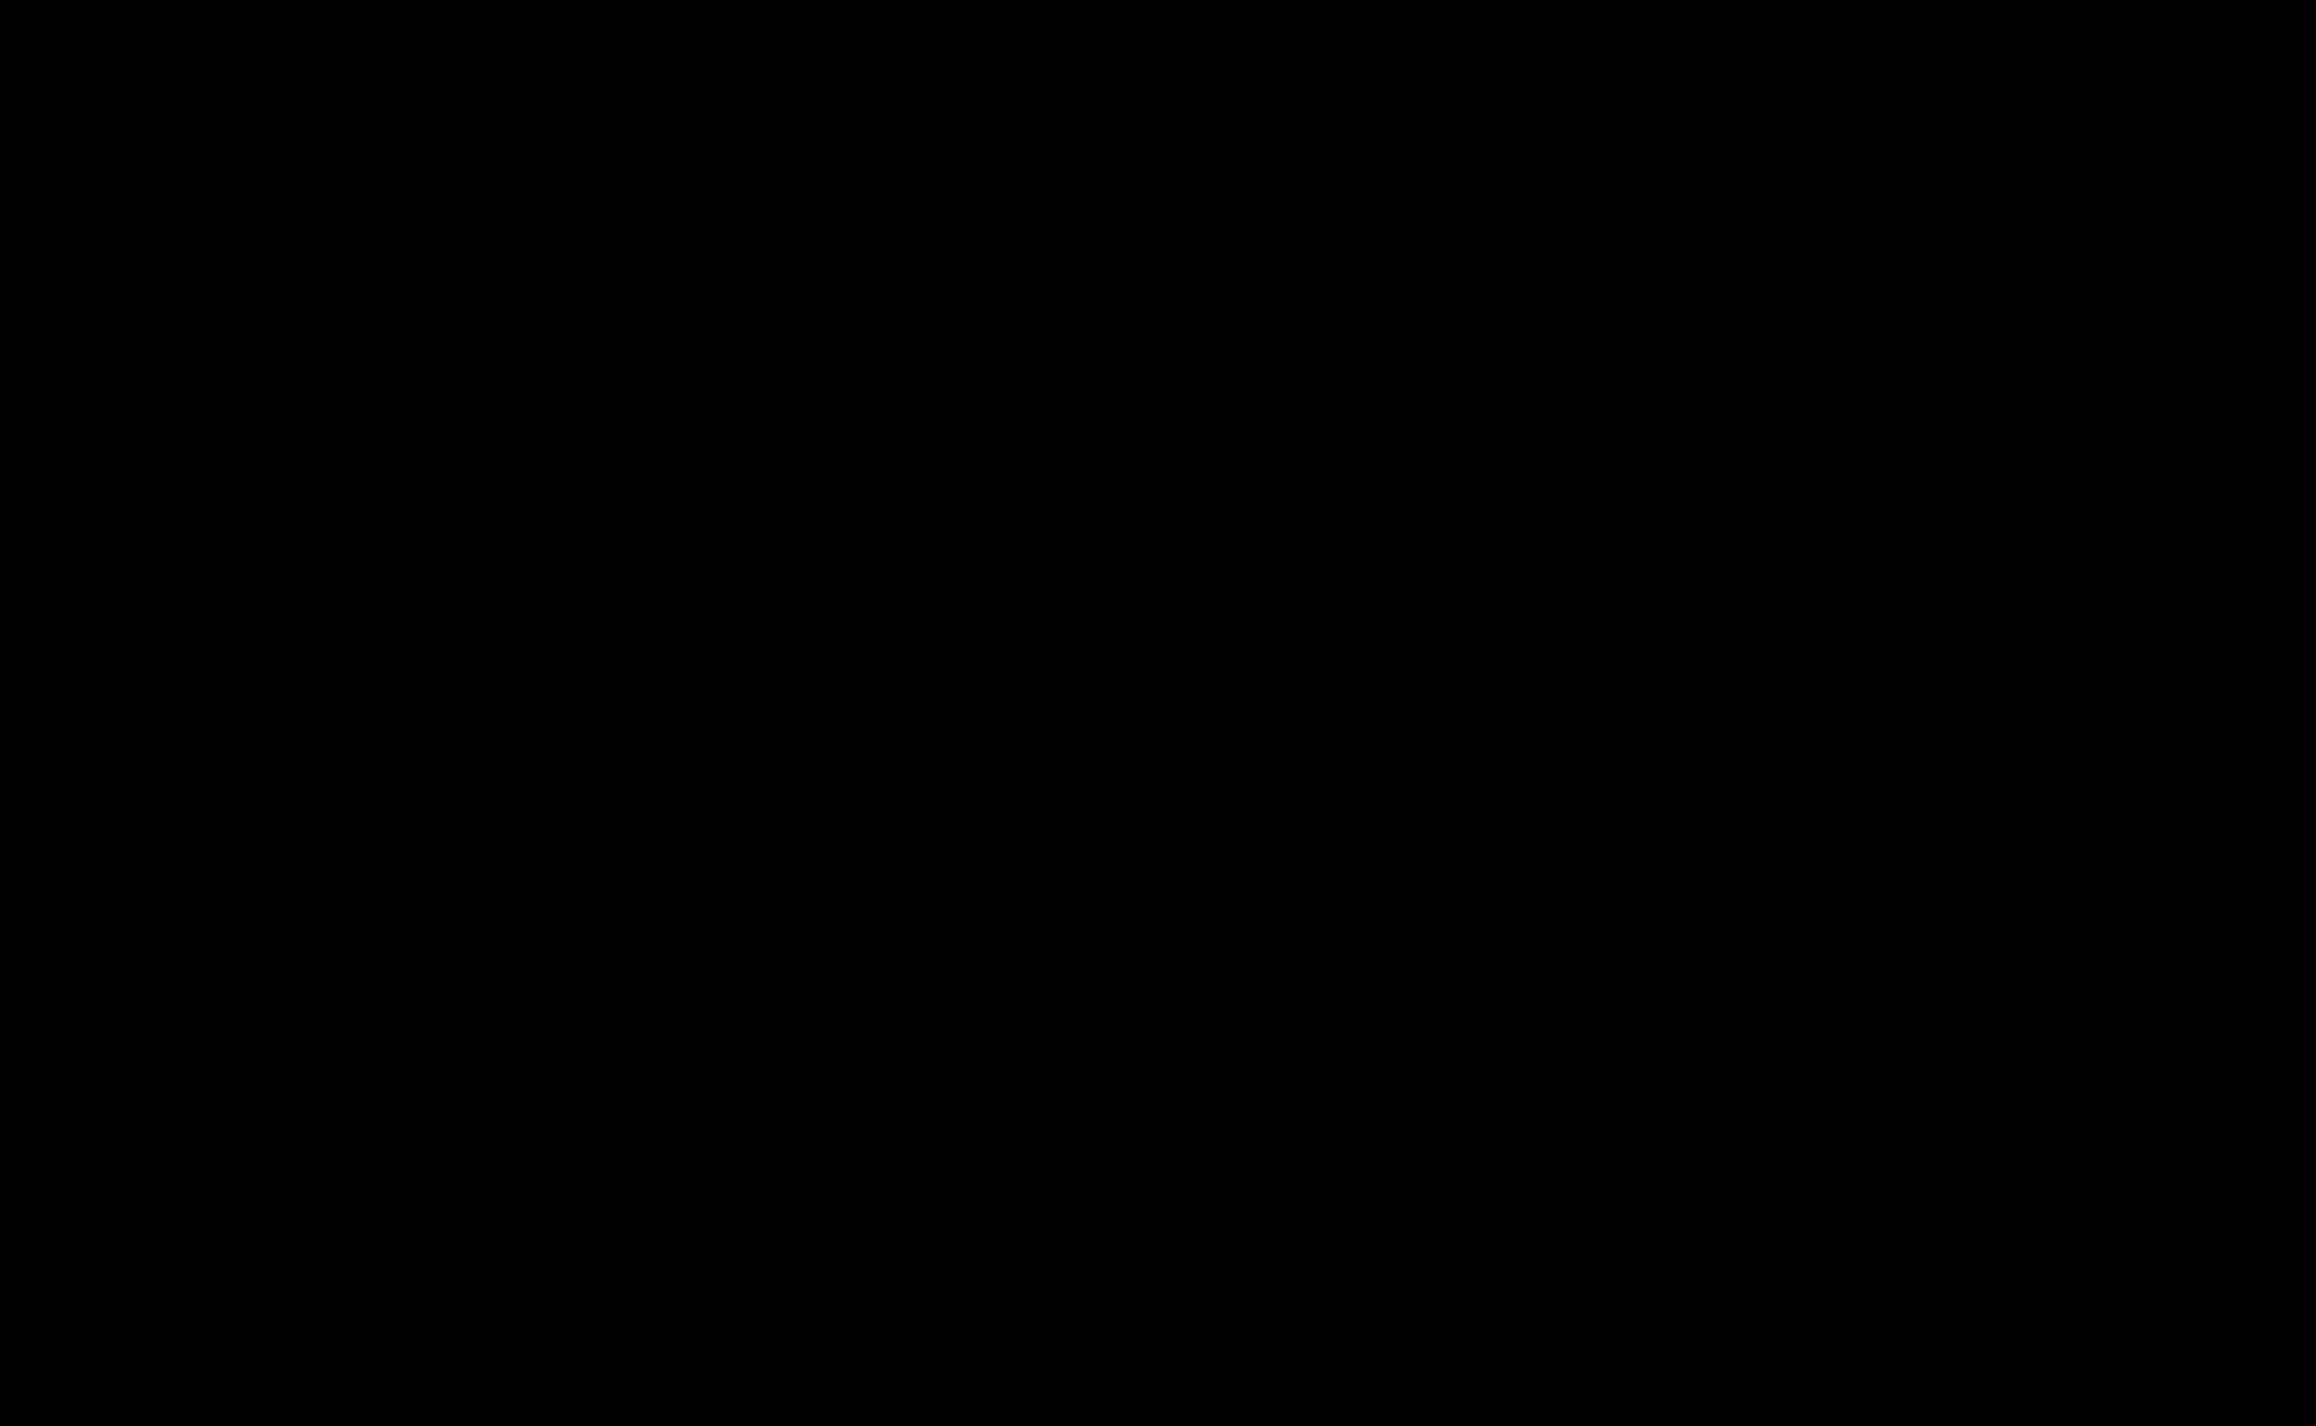 Tattoo HD PNG - 91636